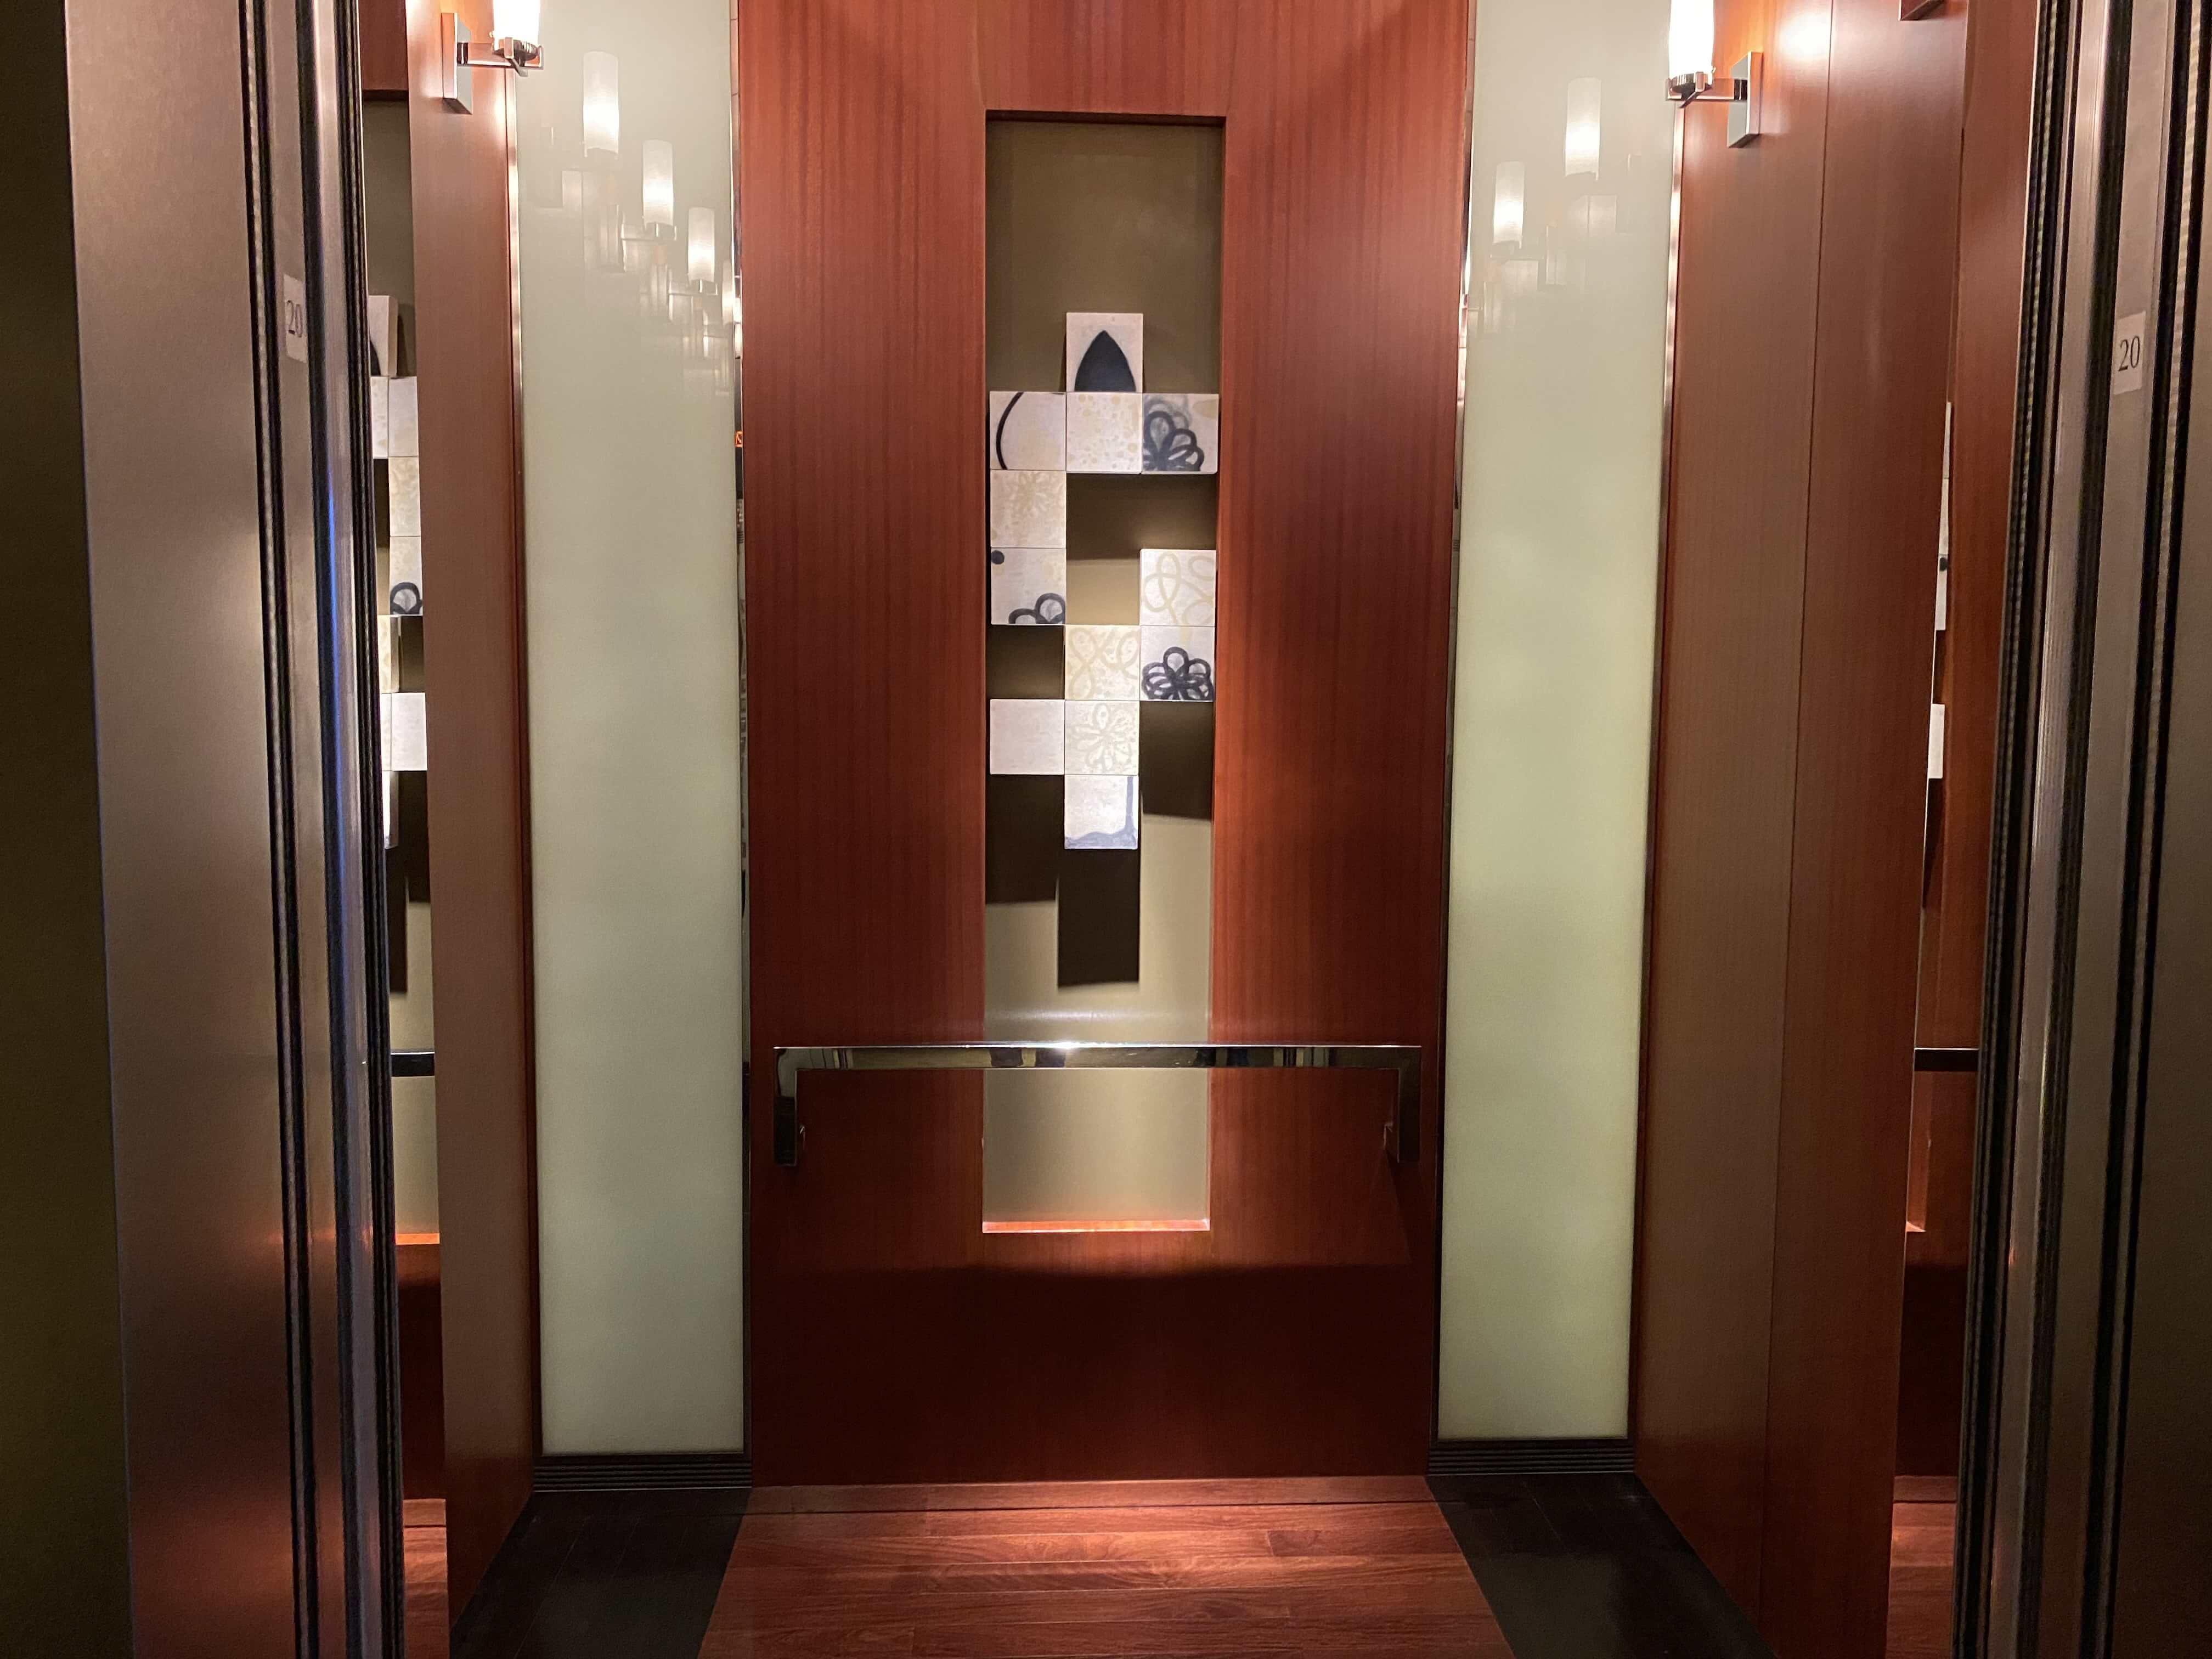 ゲストルームのある廊下/エレベーターフロア